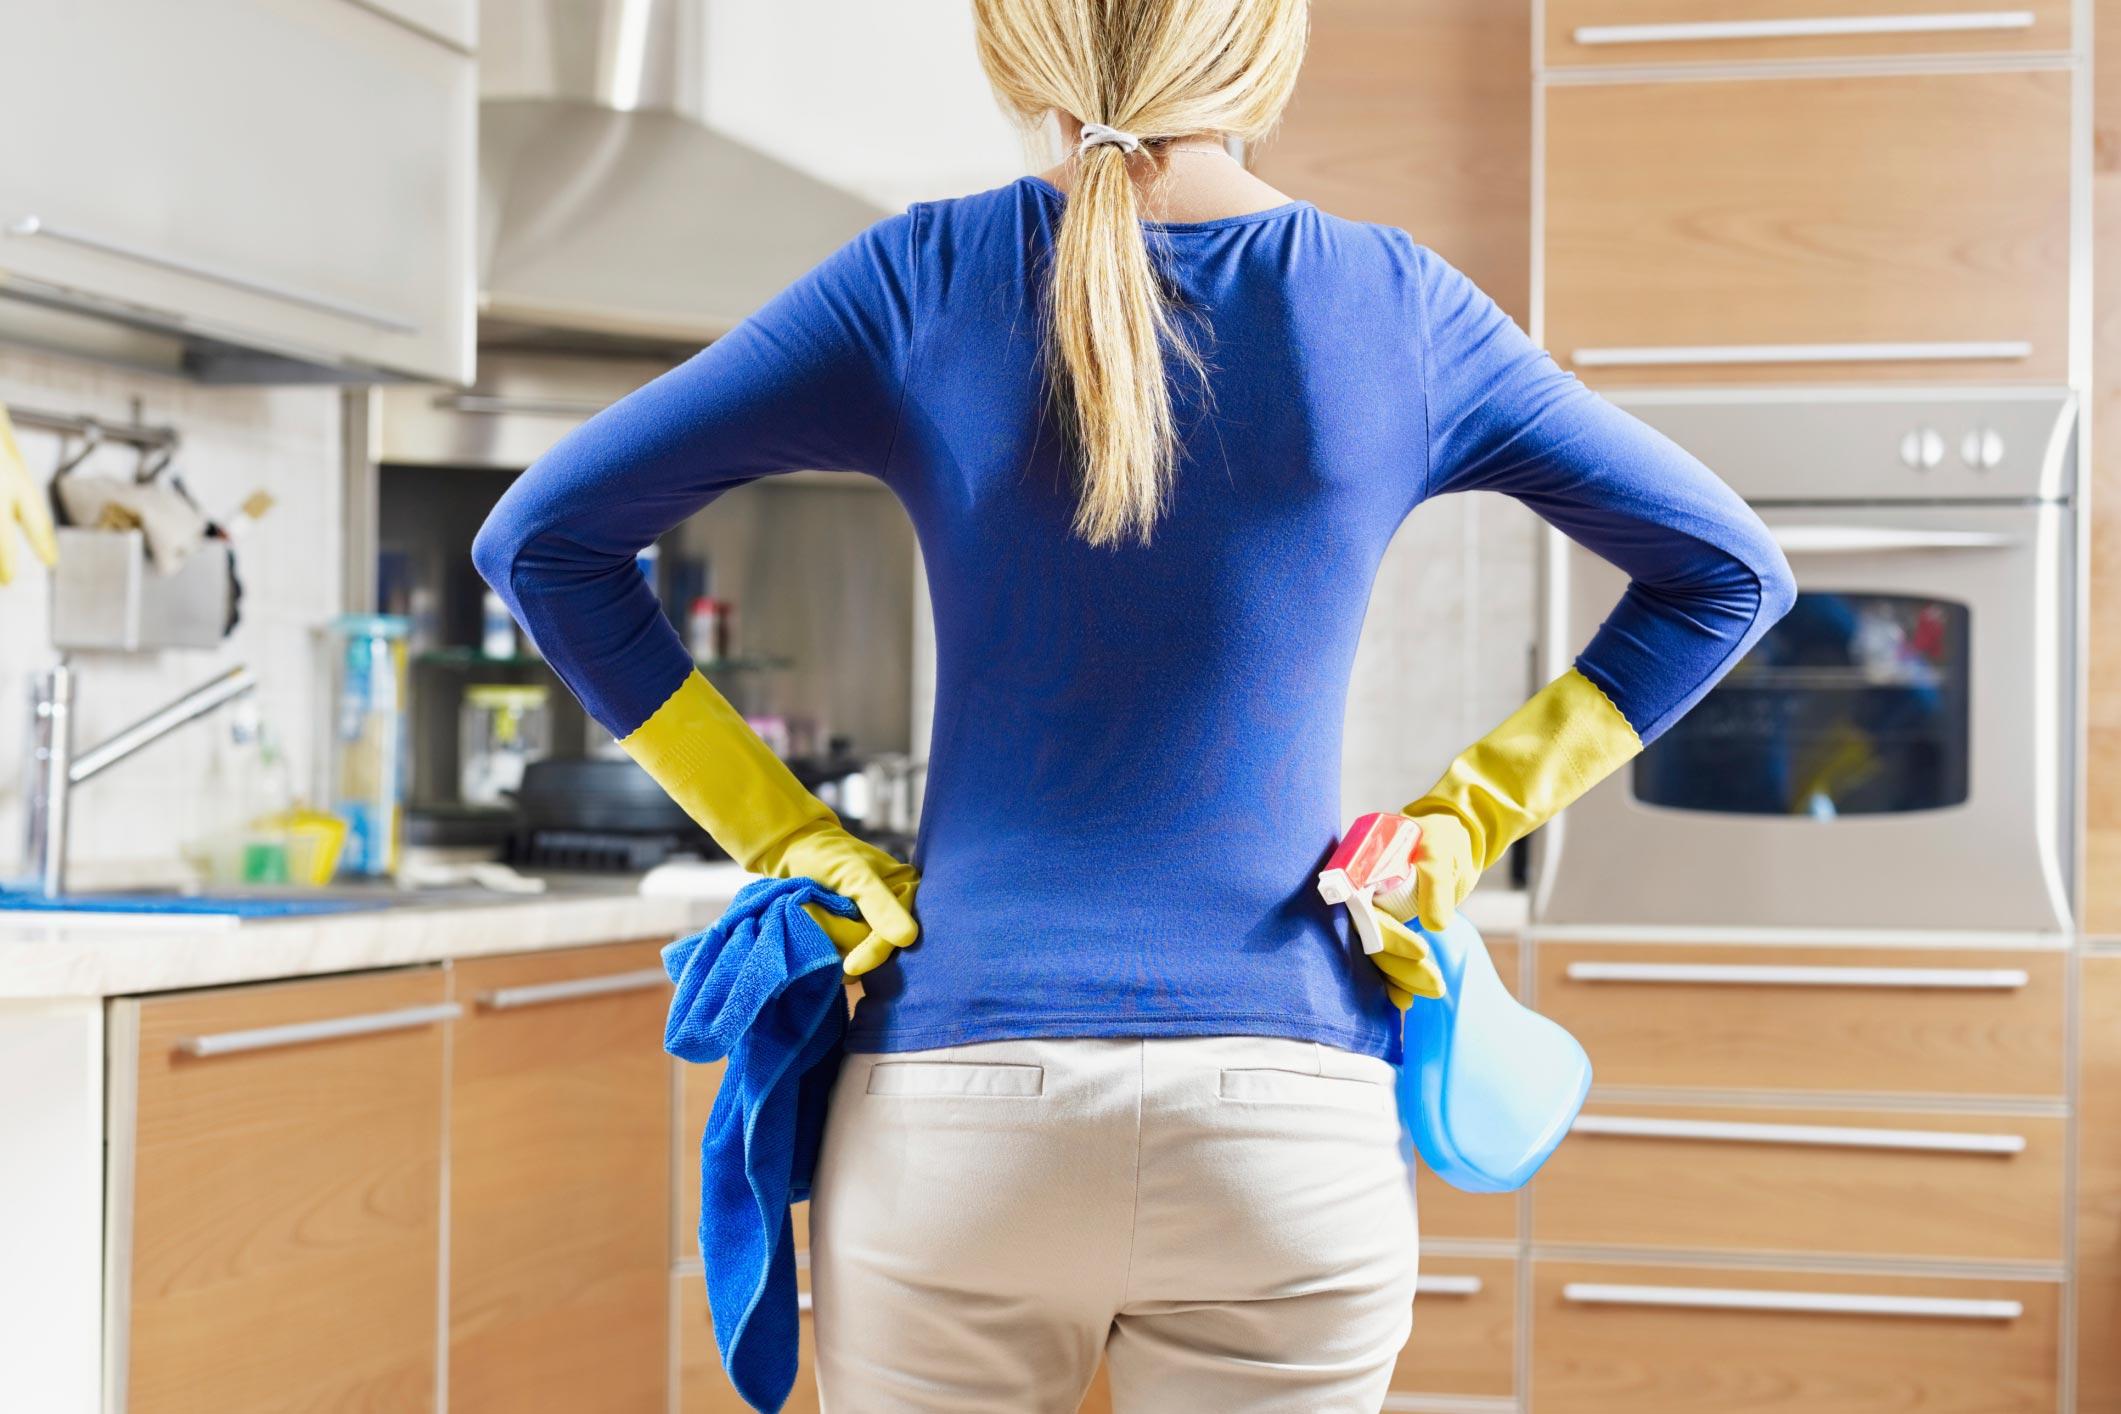 pulizie-e-sanificazione-donna-pulizie